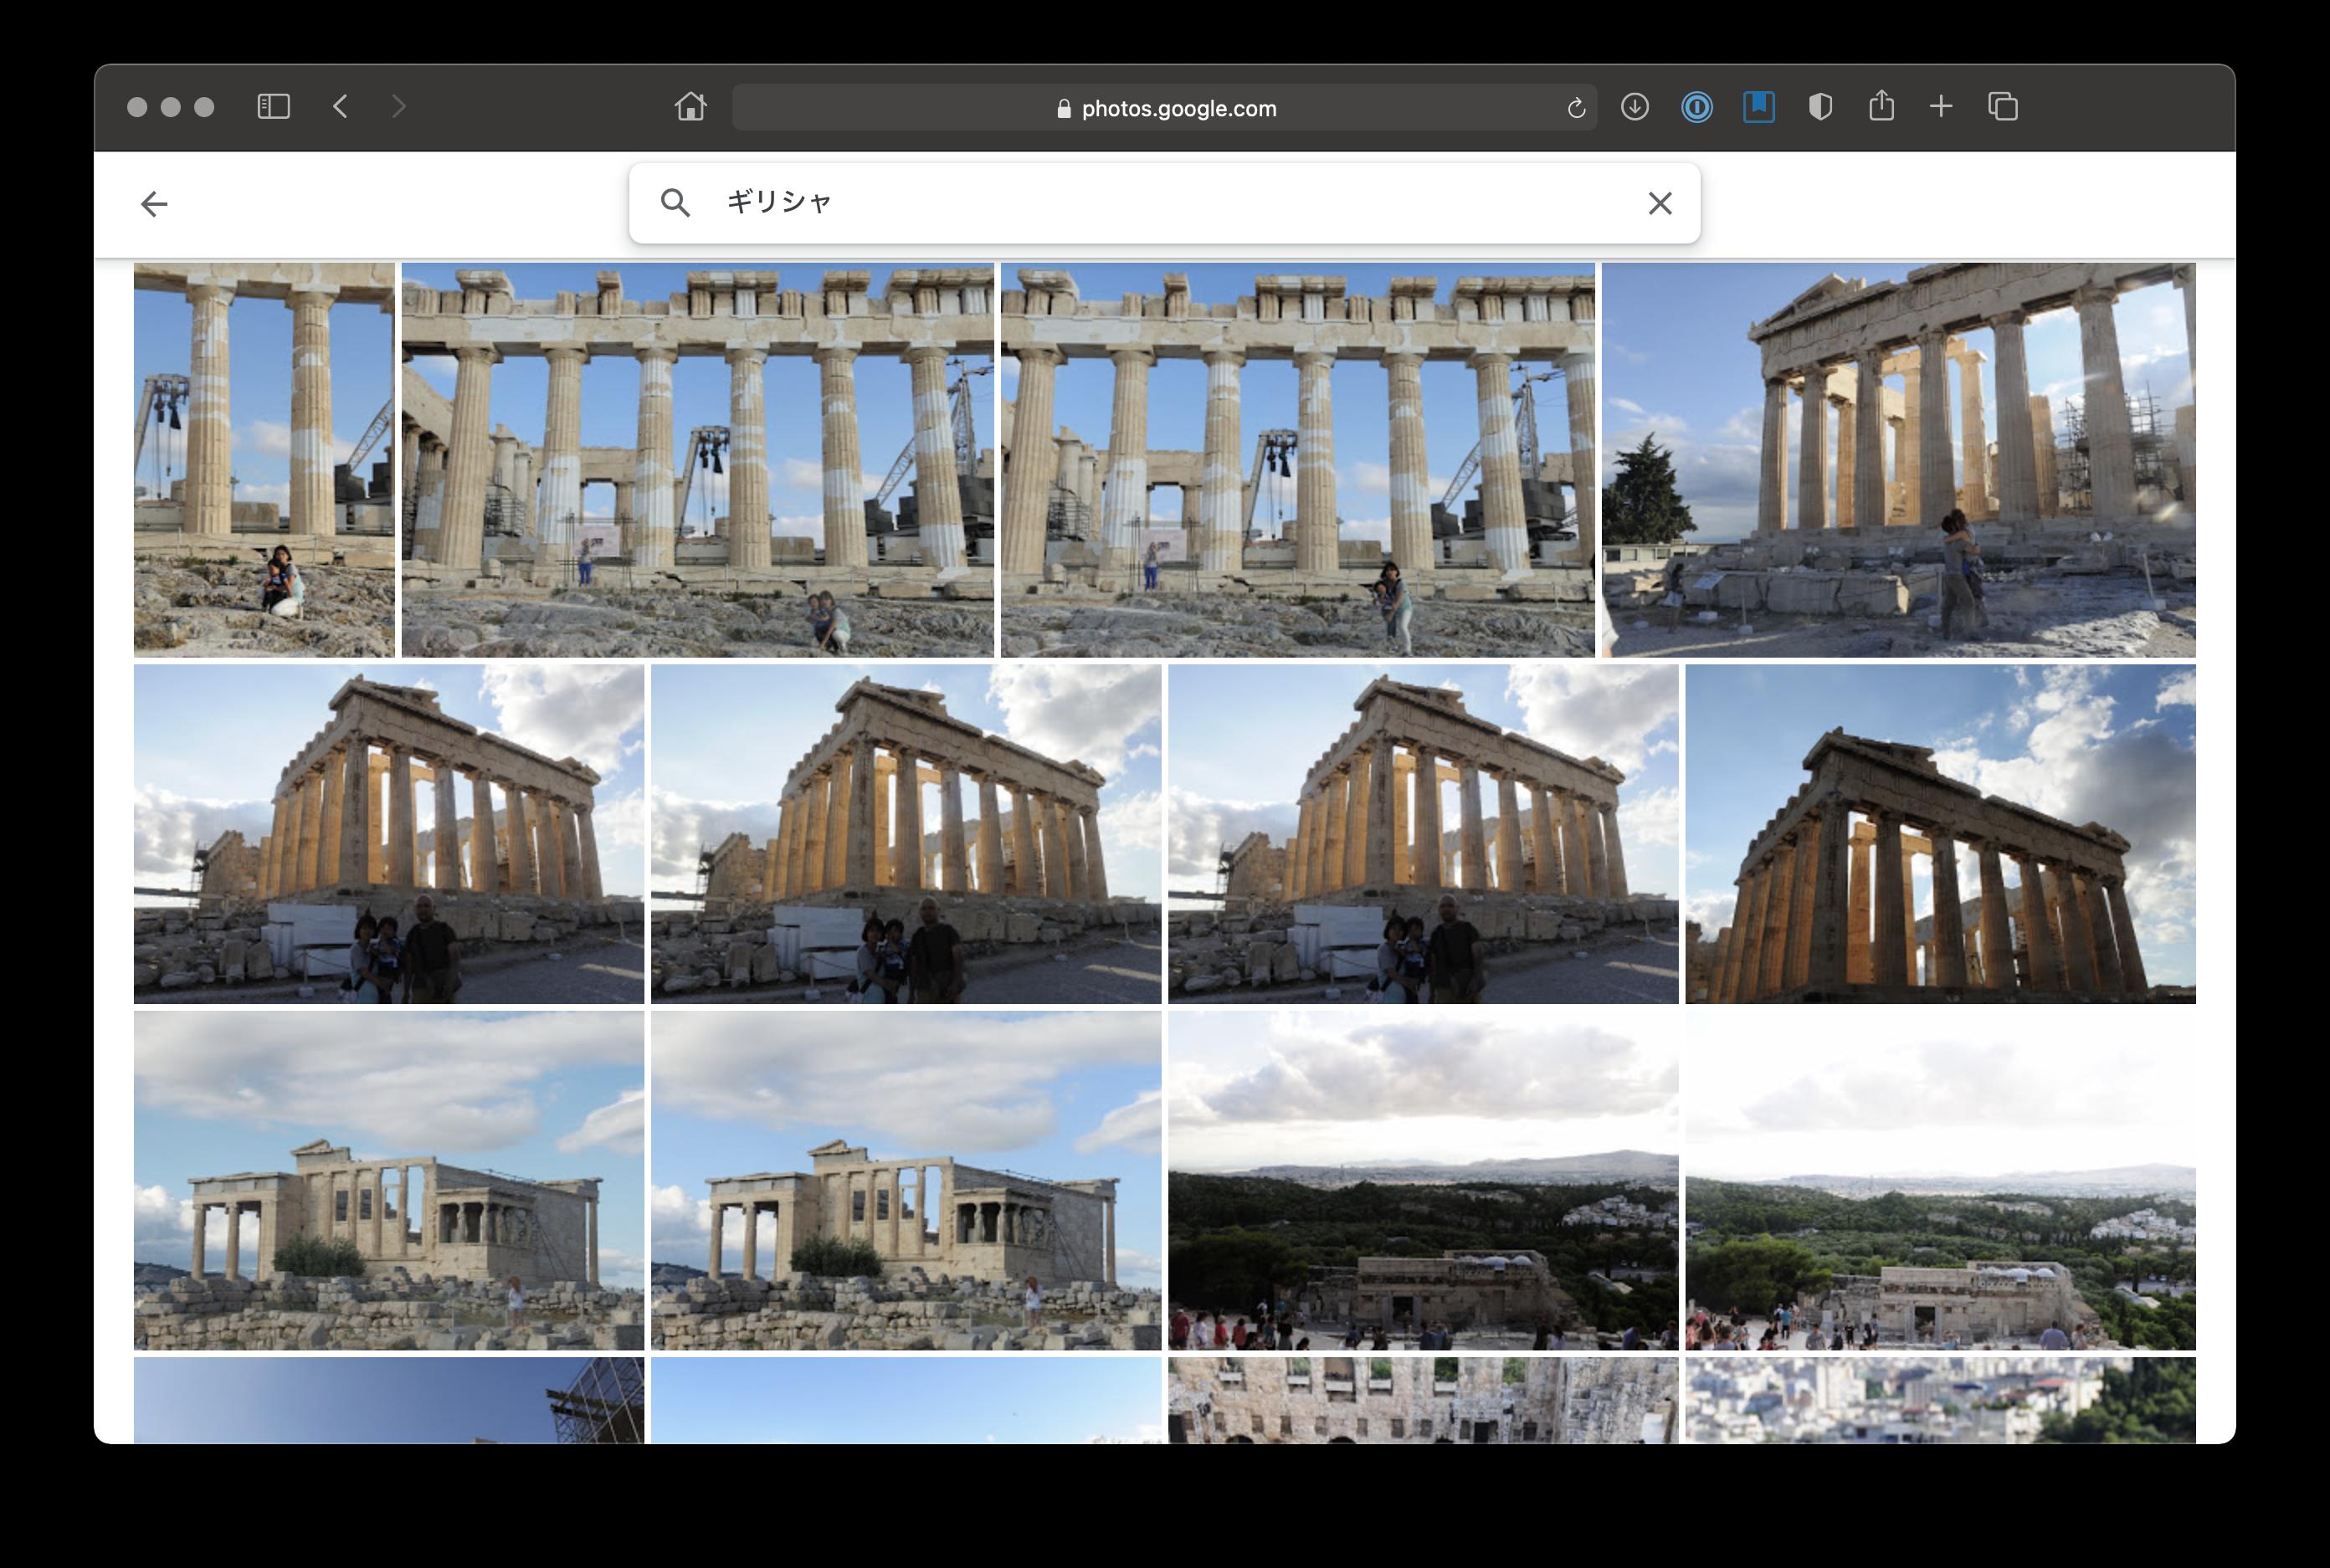 Google Photos で「ギリシャ」と検索